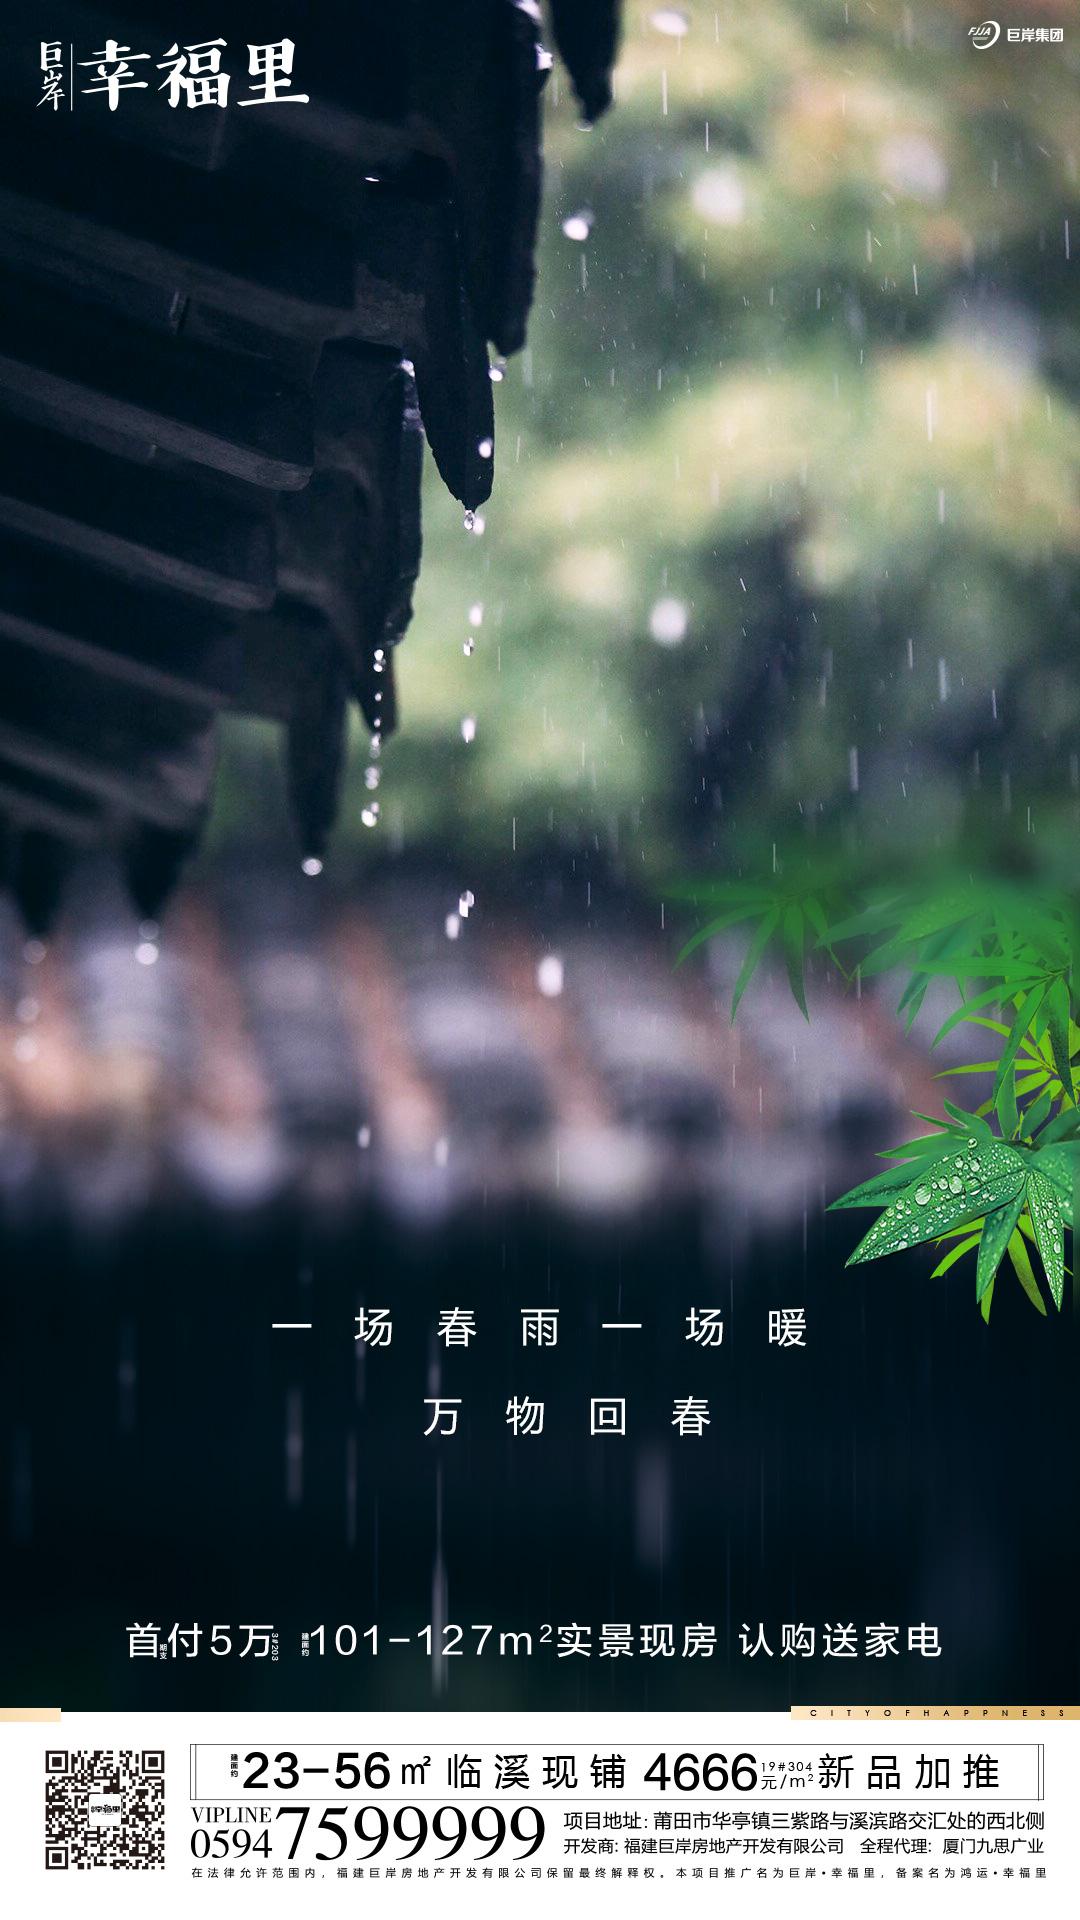 地产节气雨水屋檐春天雨滴